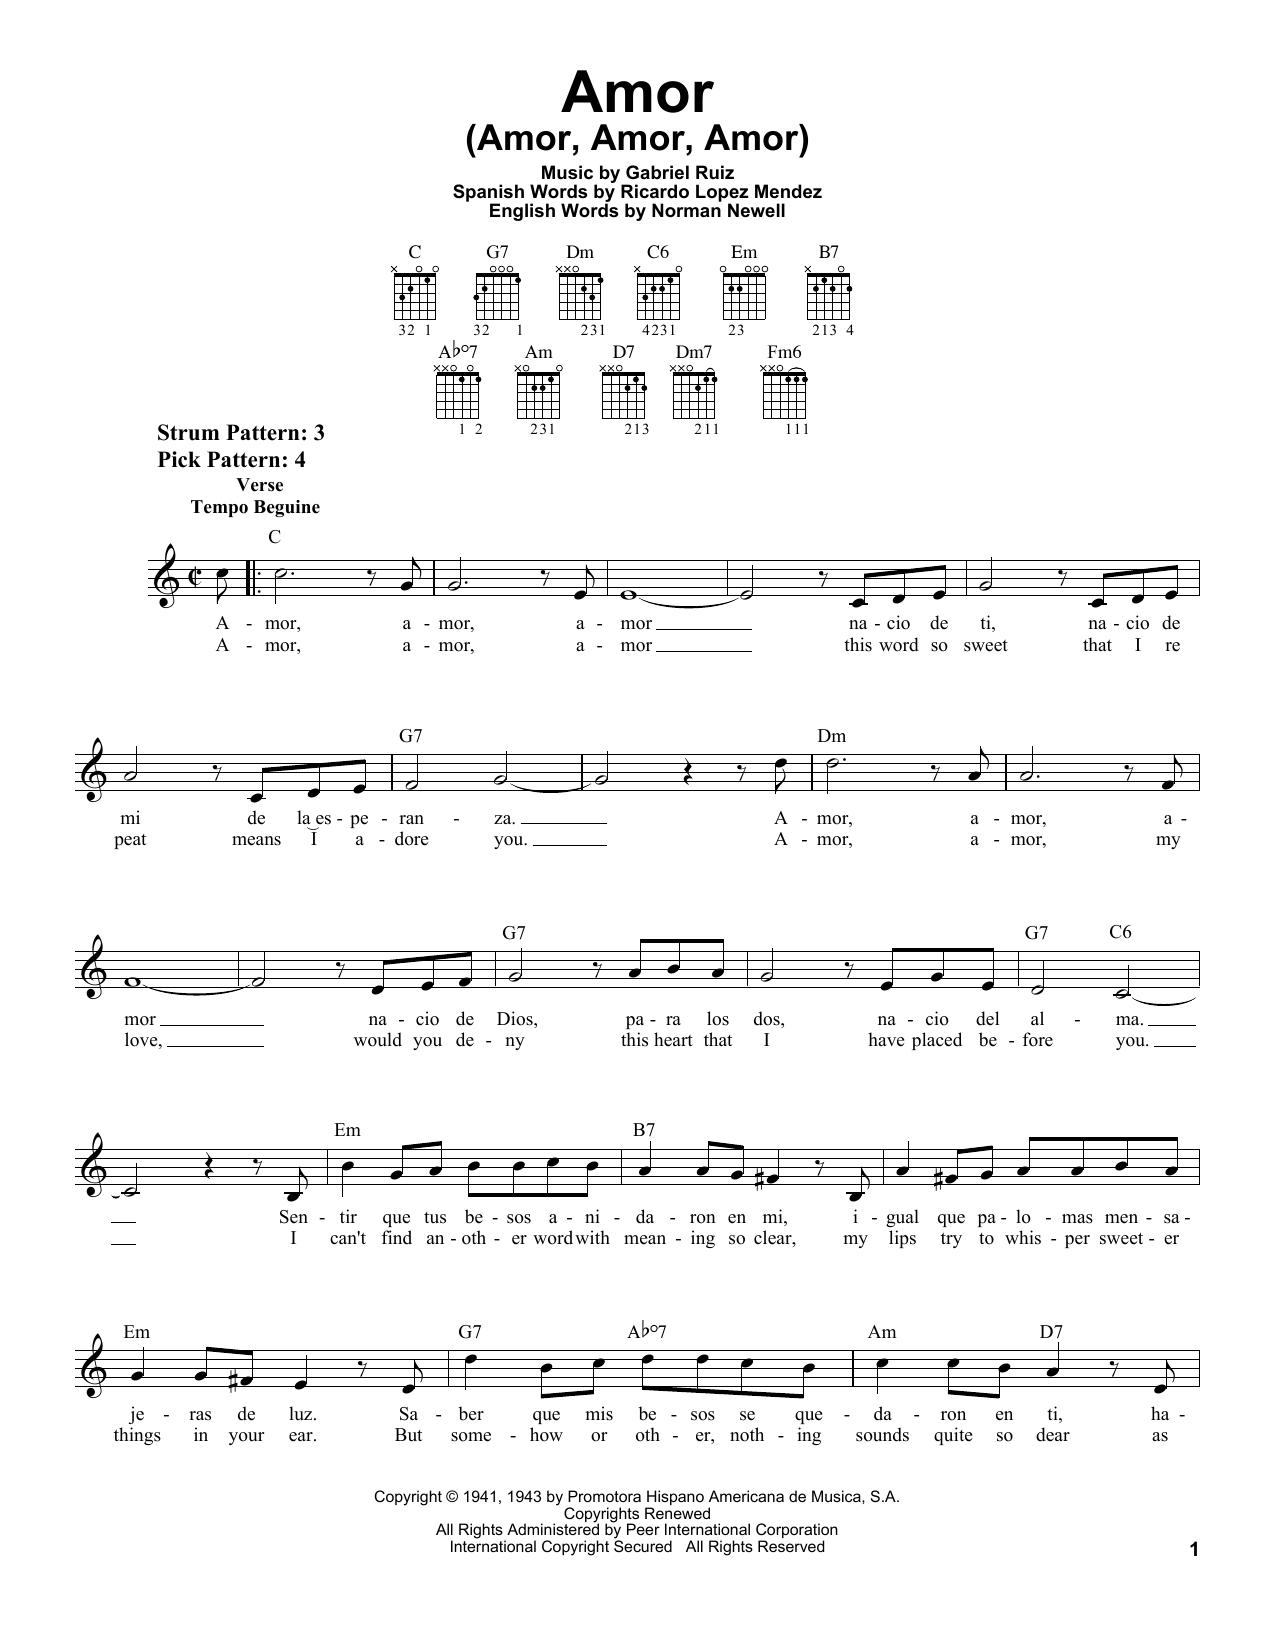 Amor (Amor, Amor, Amor) Sheet Music